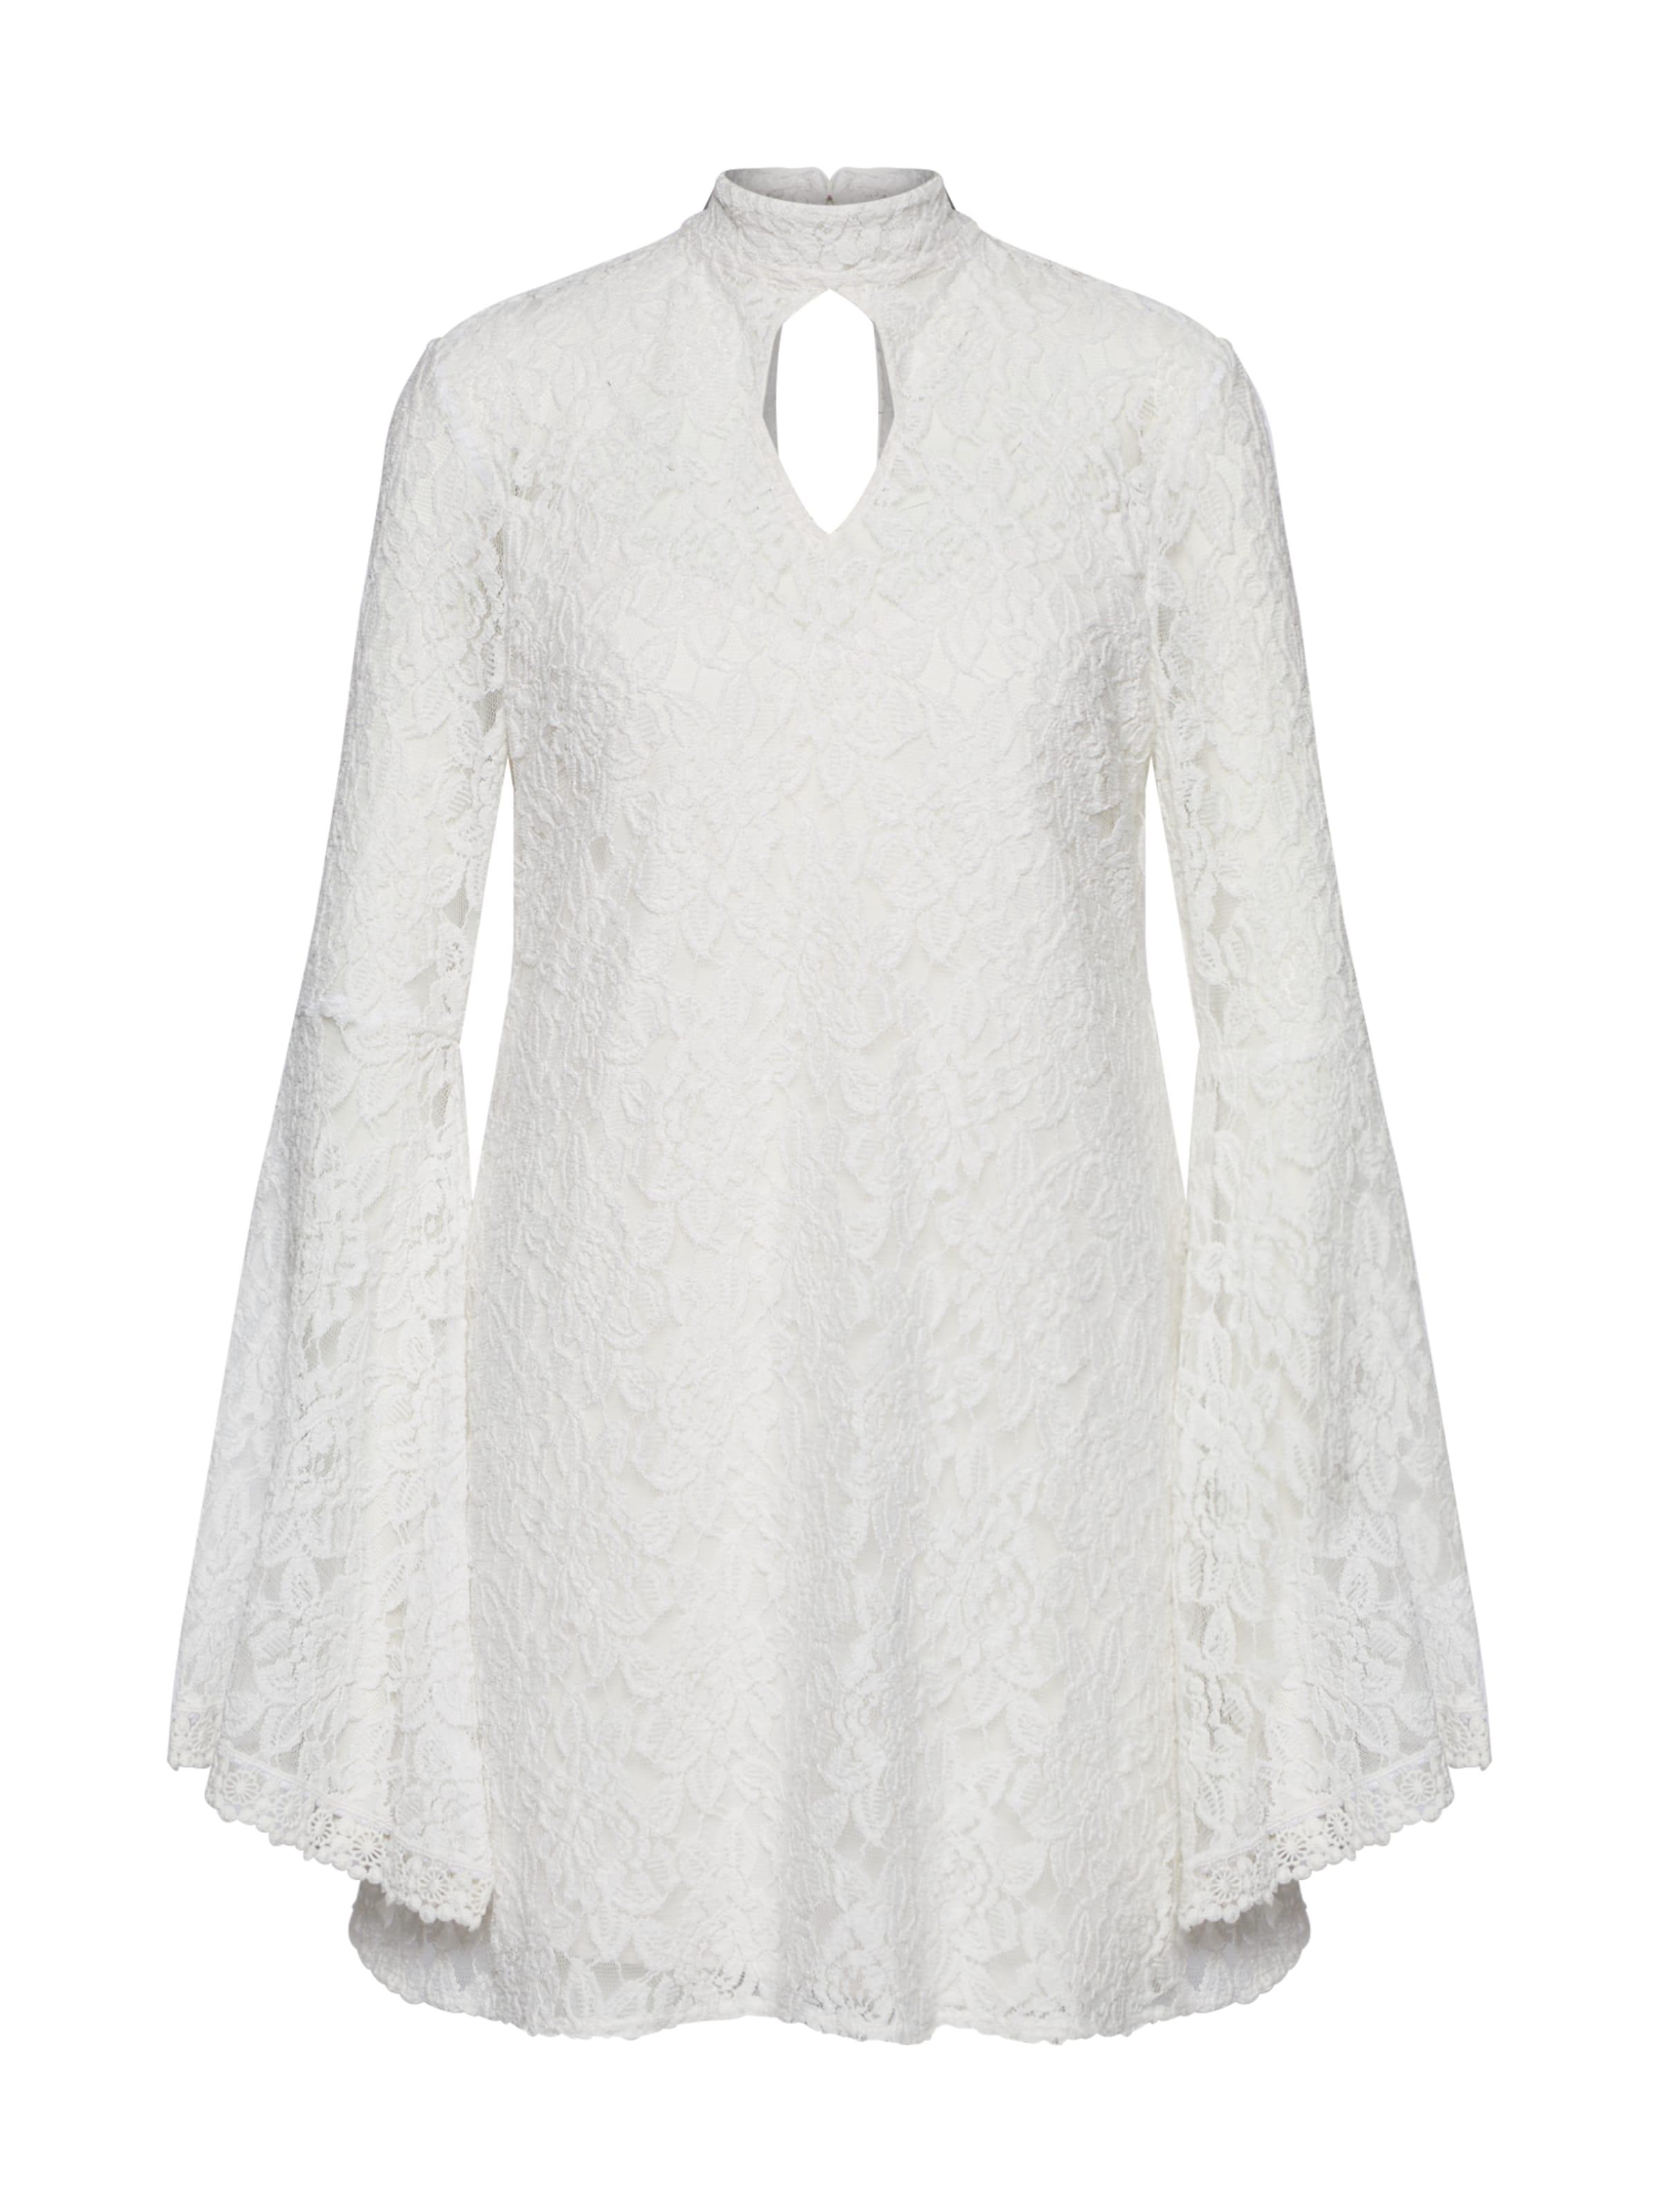 Opoku Farina Kleid Weiß In 'vanaja' 54LAjR